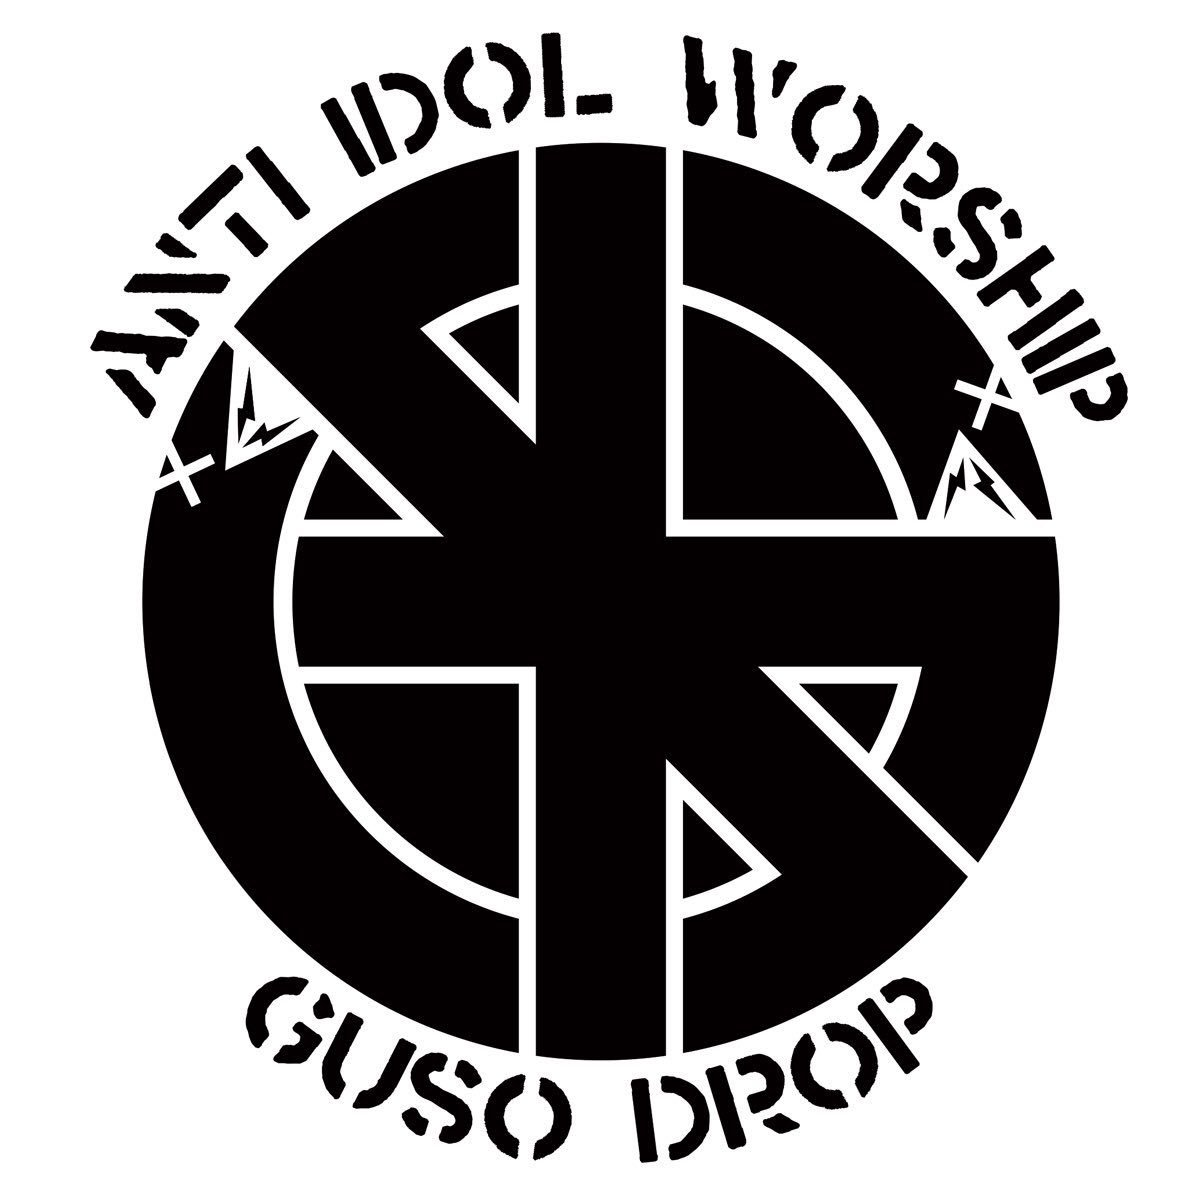 偶想Dropさんのこちらのロゴを制作しました! あのバンドのアレっぽいやつです。  音源やメンバーを是非チェックして頂けたらと思います。 https://t.co/Zw8l1fuLK5